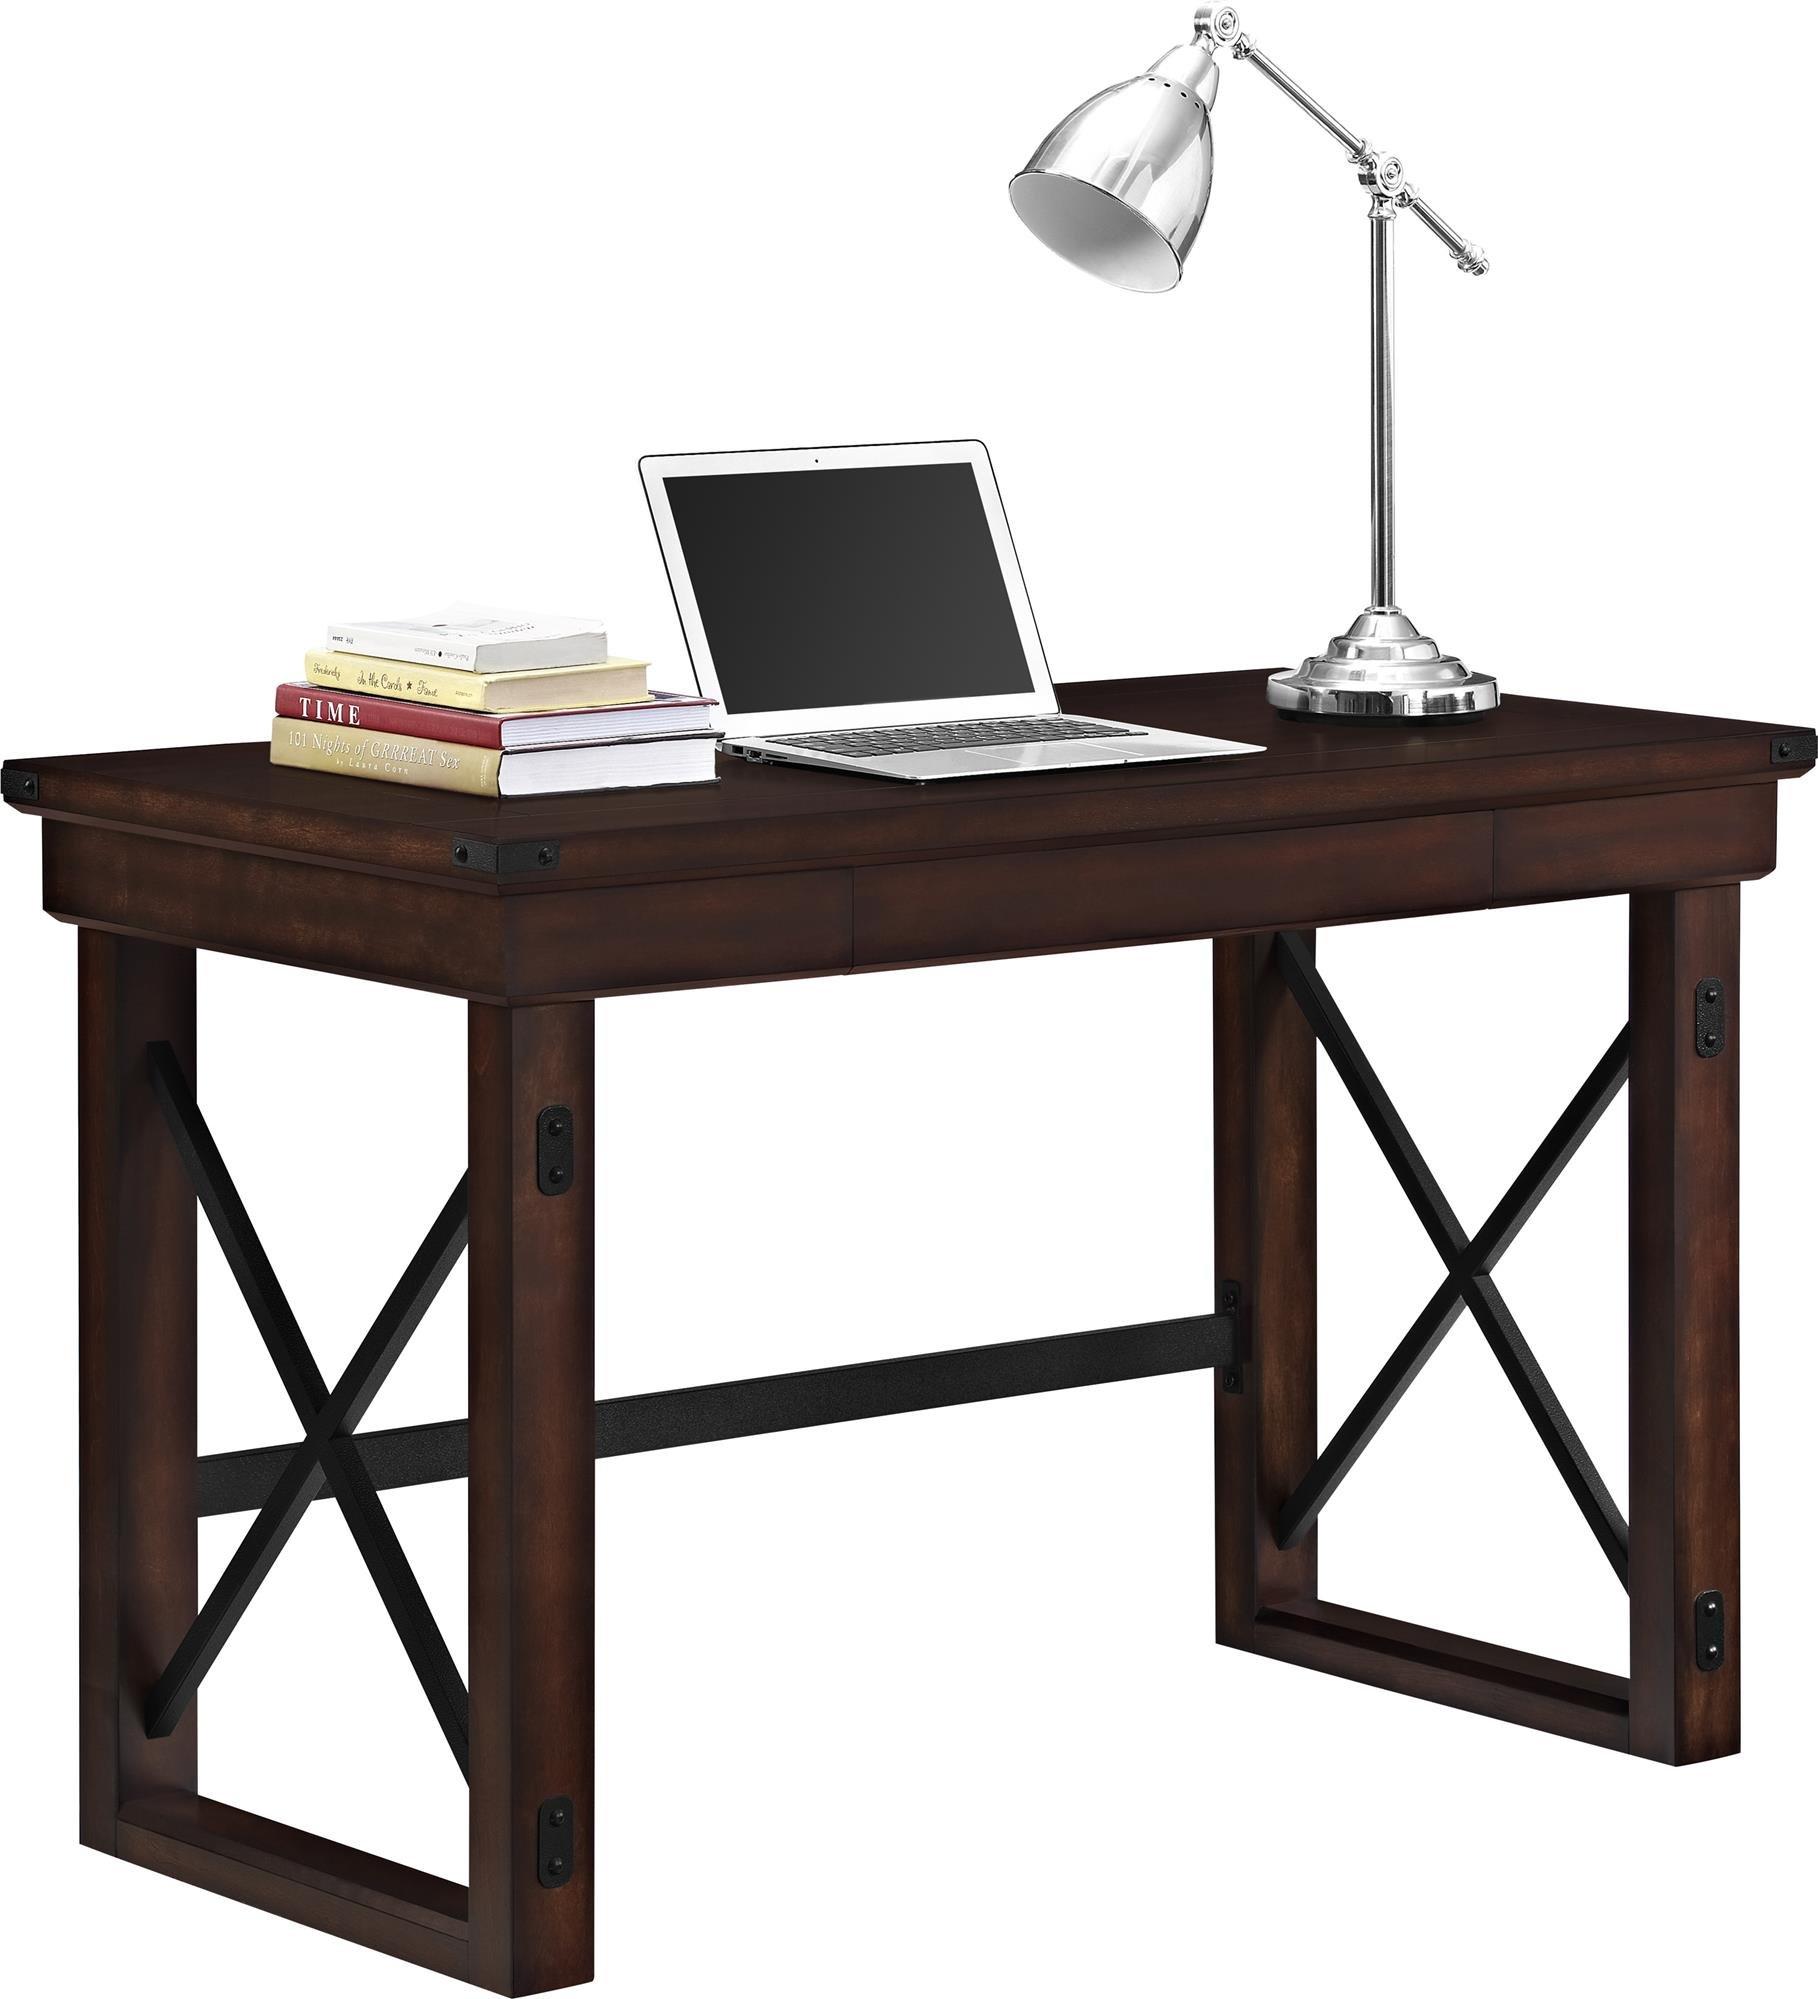 Ameriwood Home Wildwood Wood Veneer  Desk, Espresso by Ameriwood Home (Image #2)